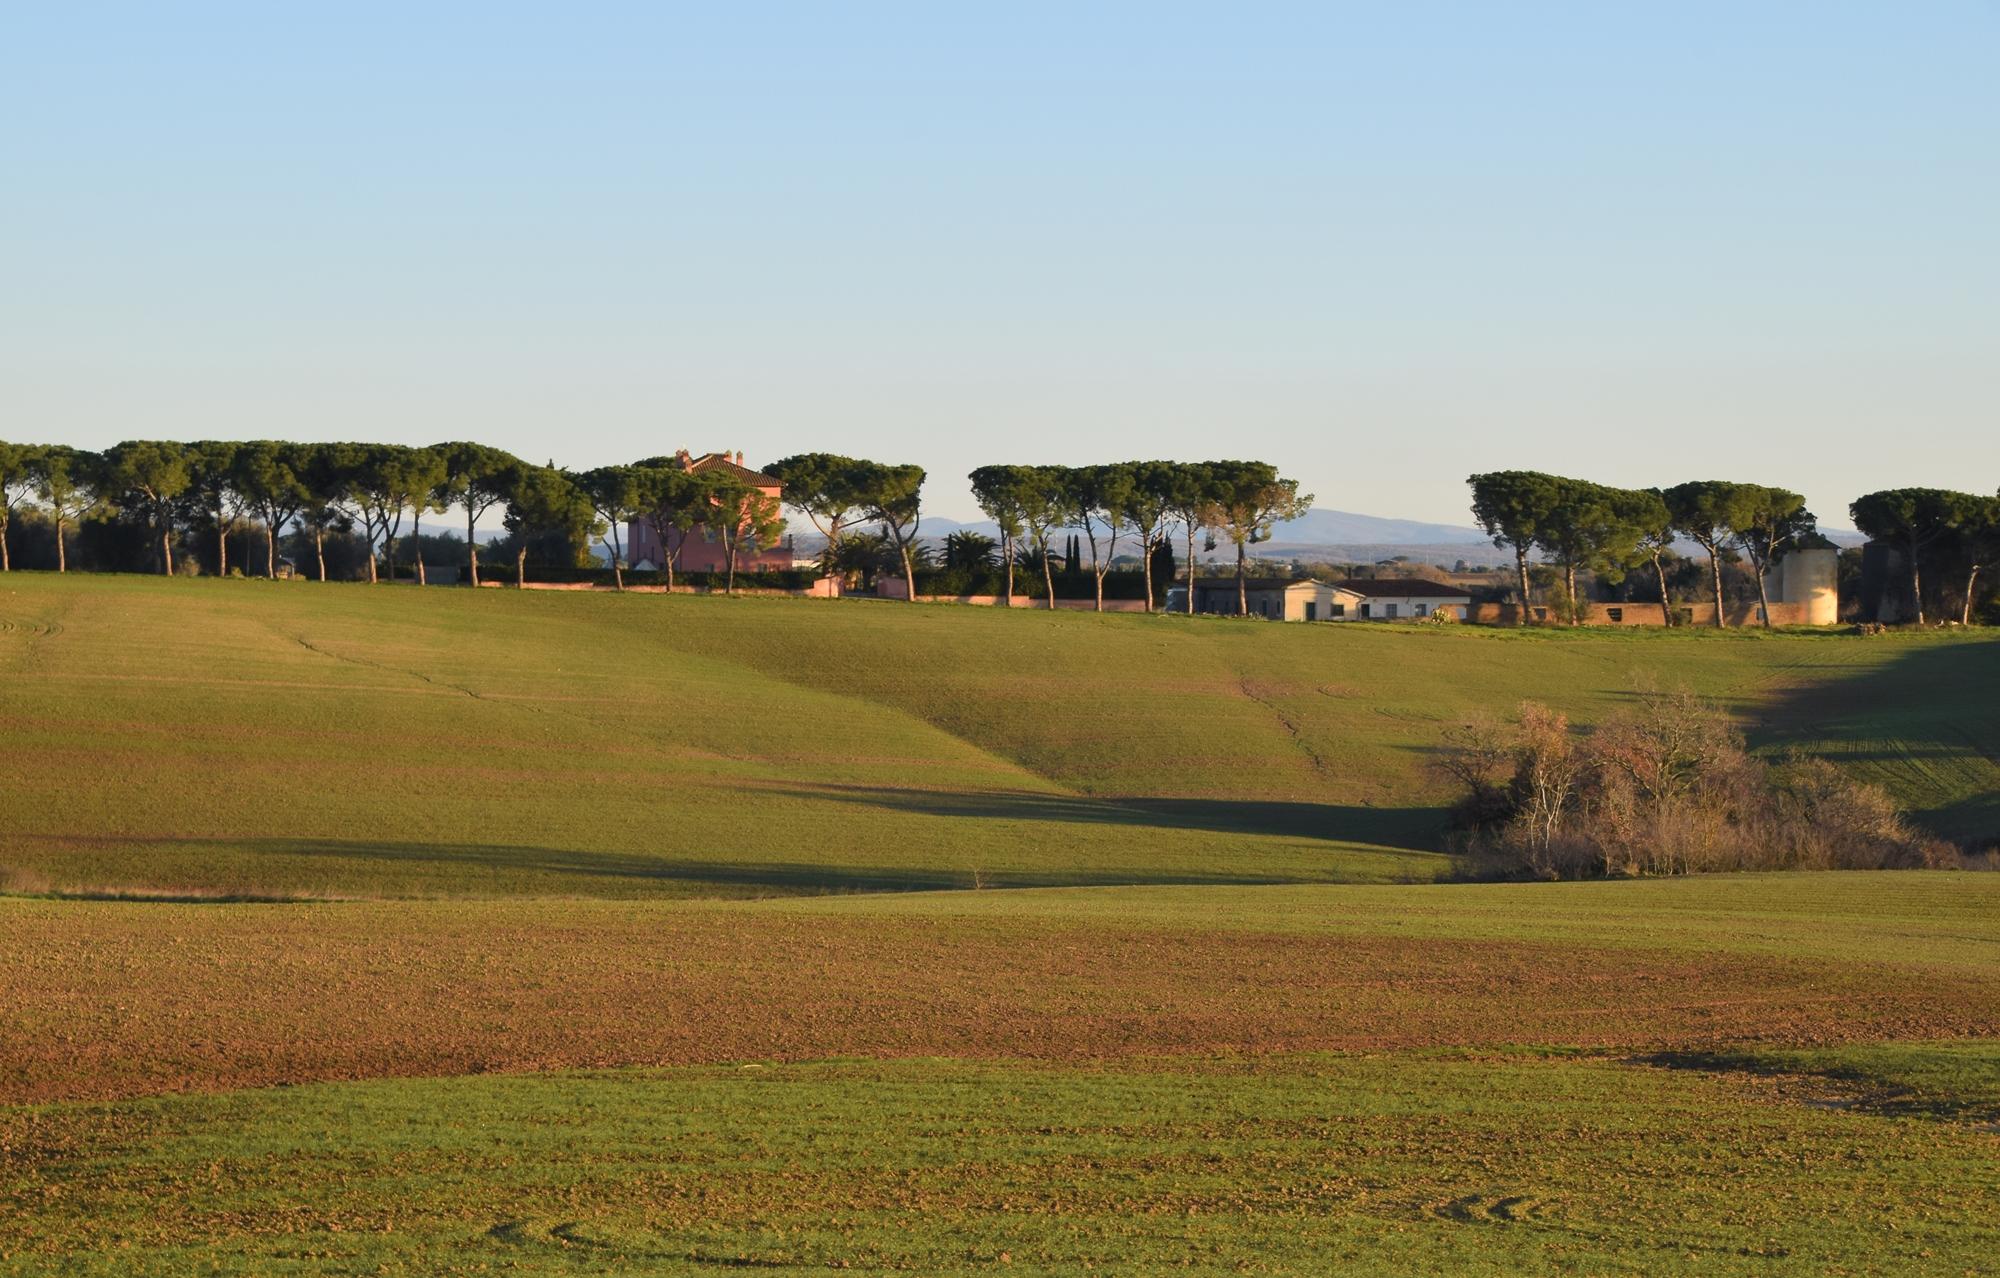 Tuscania-Loc. Pian di Vico, Casale e borgo rurale di Pian di Vico media distanza rid - Copia